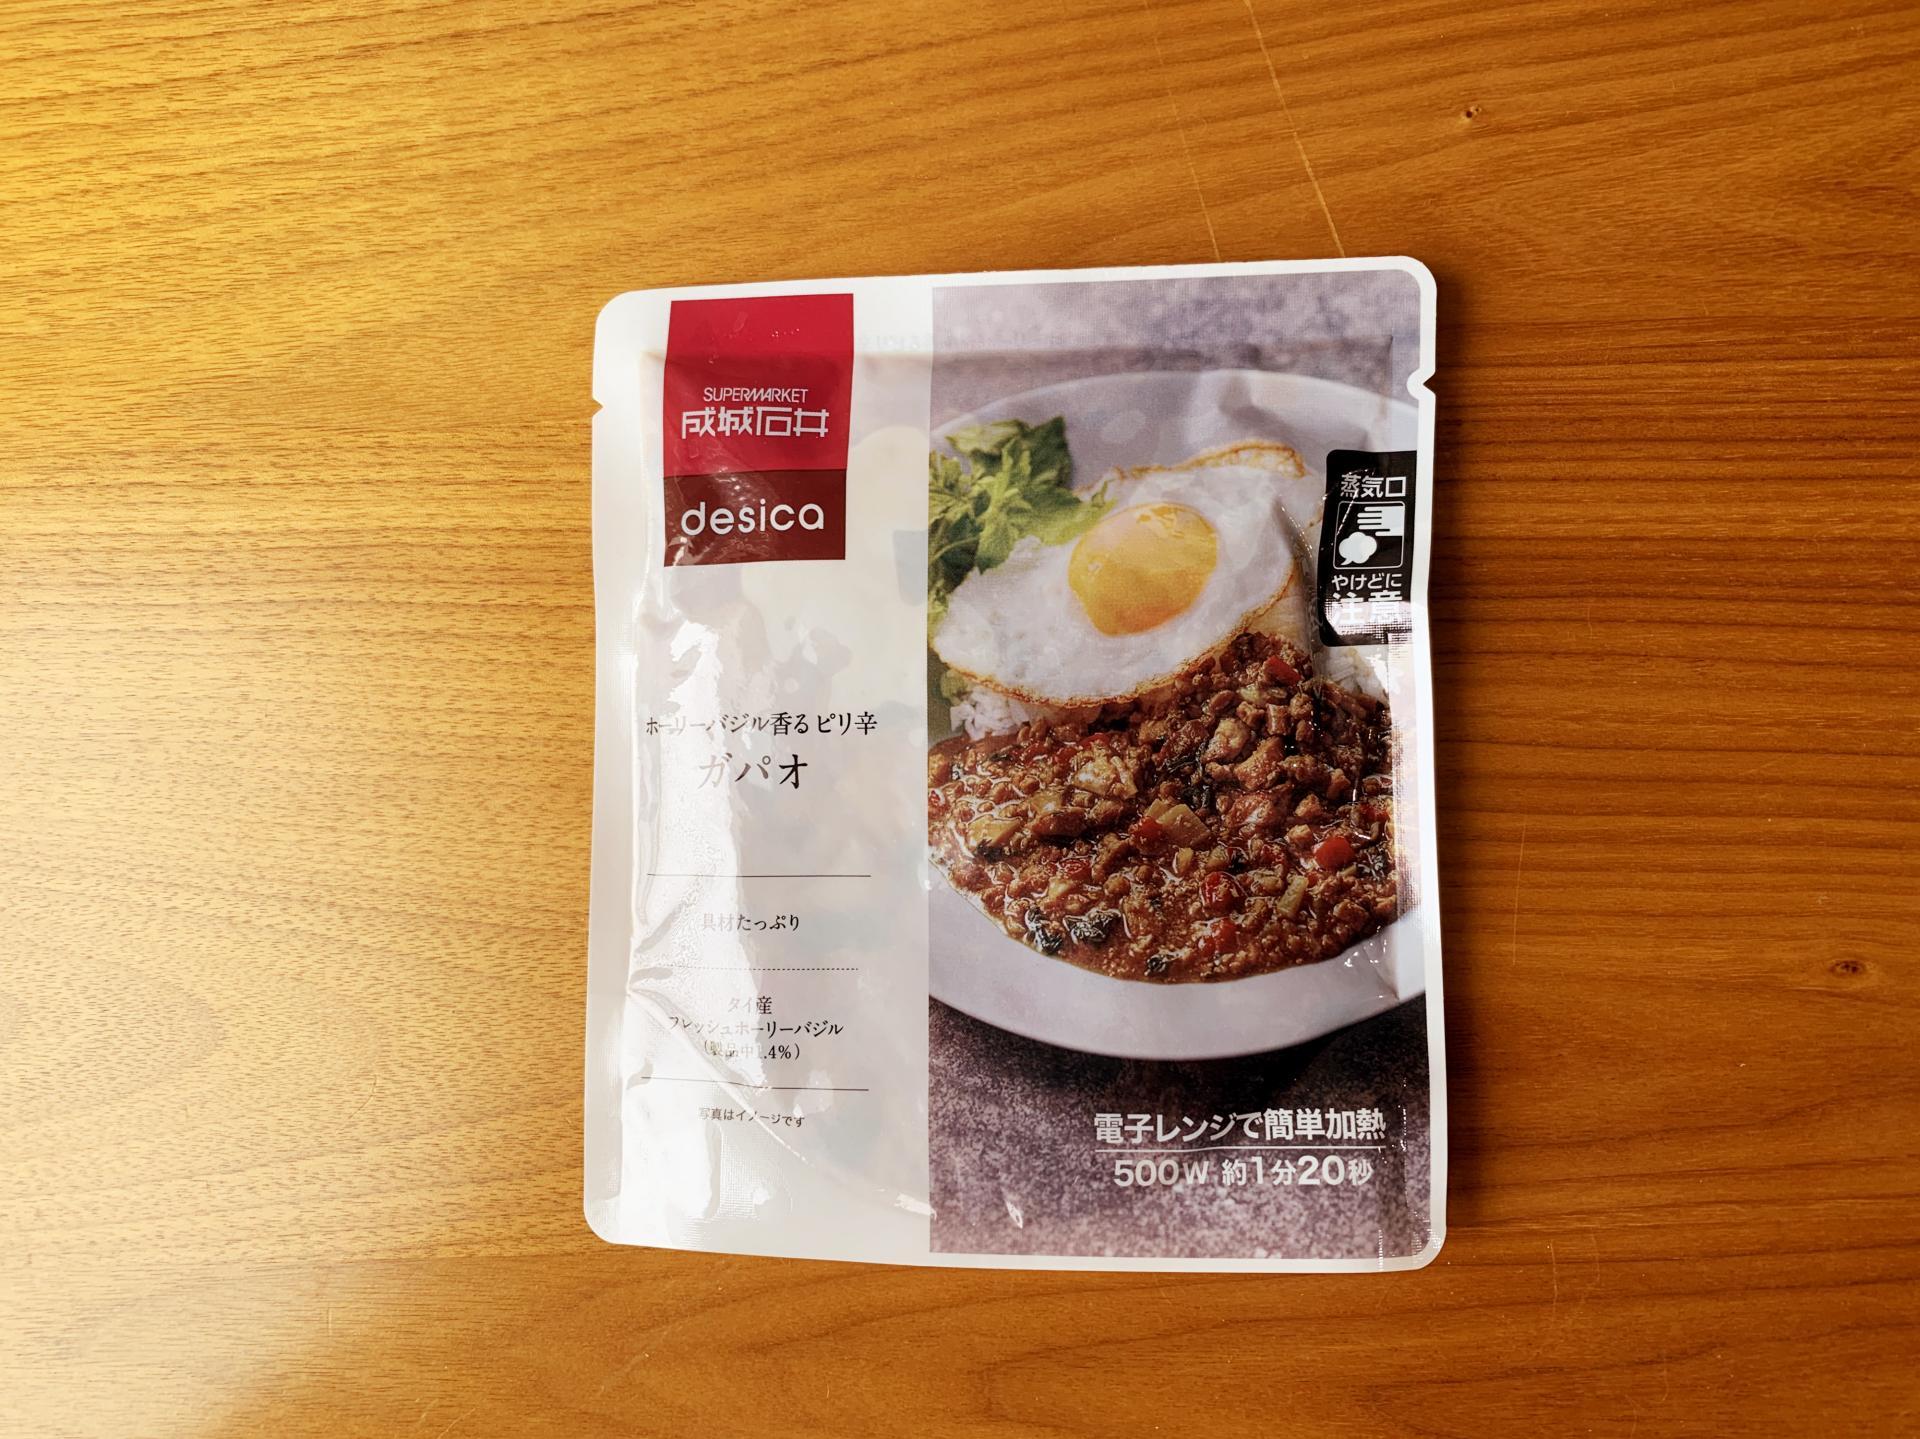 成城石井のガパオライスは本格的な美味しさ!ピリ辛がクセになる絶品商品とは